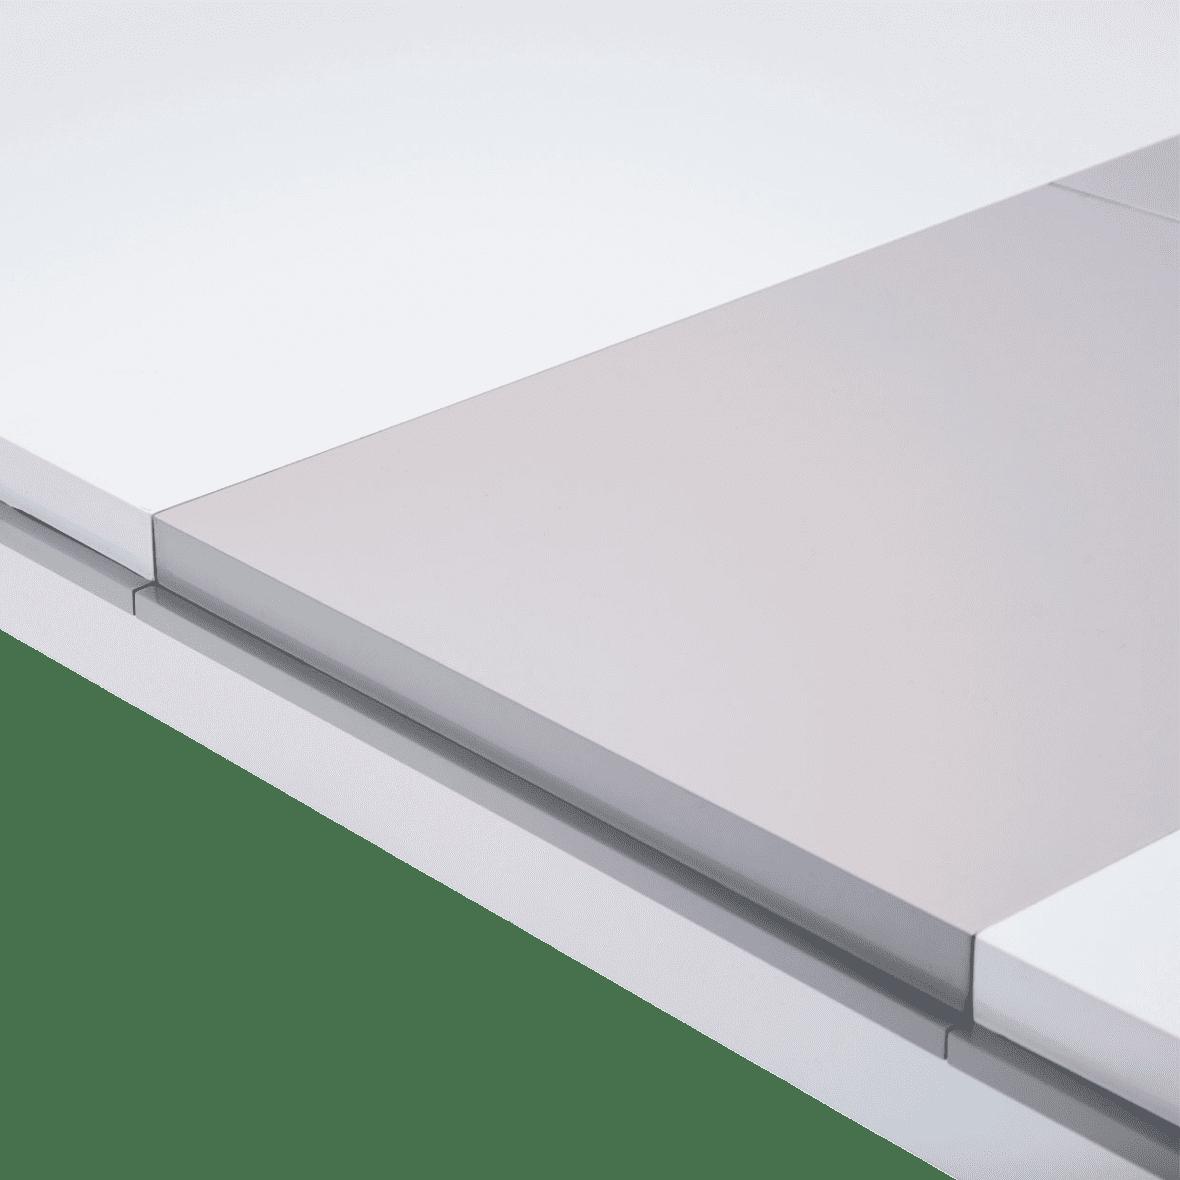 Стол обеденный прямоугольный White Cloud (включая 1 вставку на 44 cm )